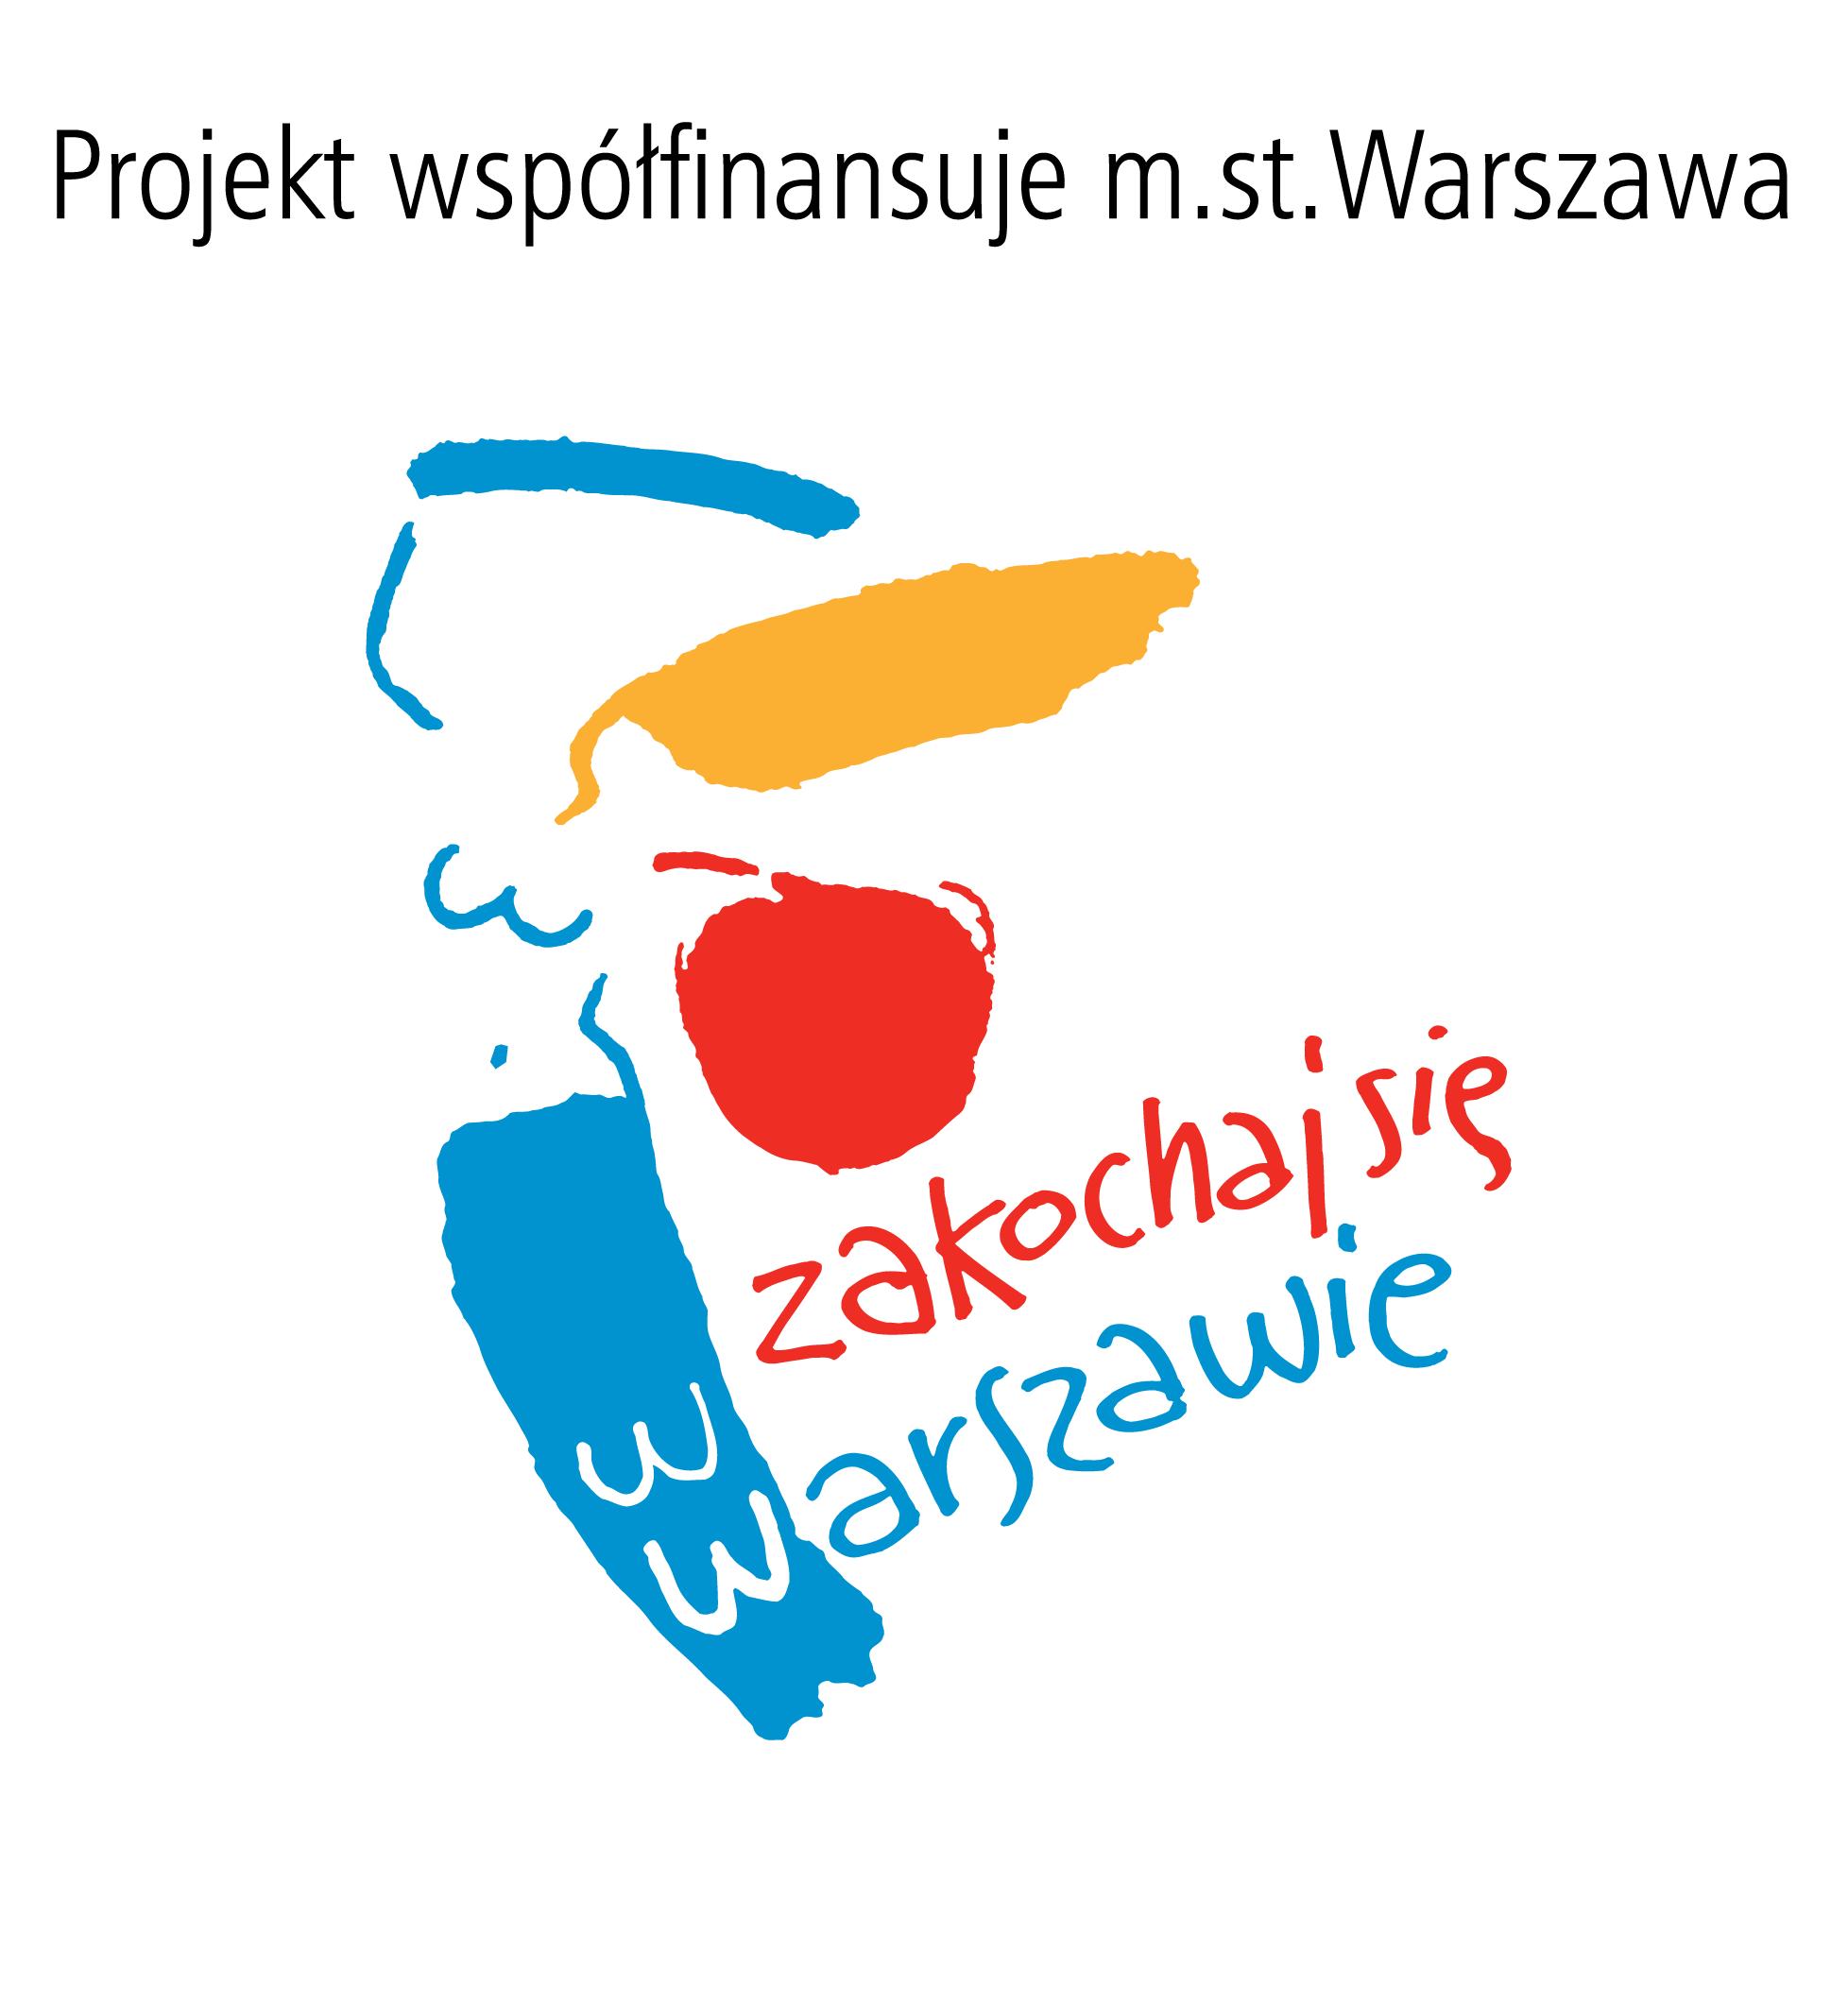 Szkolenie sportowe dzieci i młodzieży prowadzone przez Uczniowski Klub Sportowy Arcus współfinansuje m.st. Warszawa